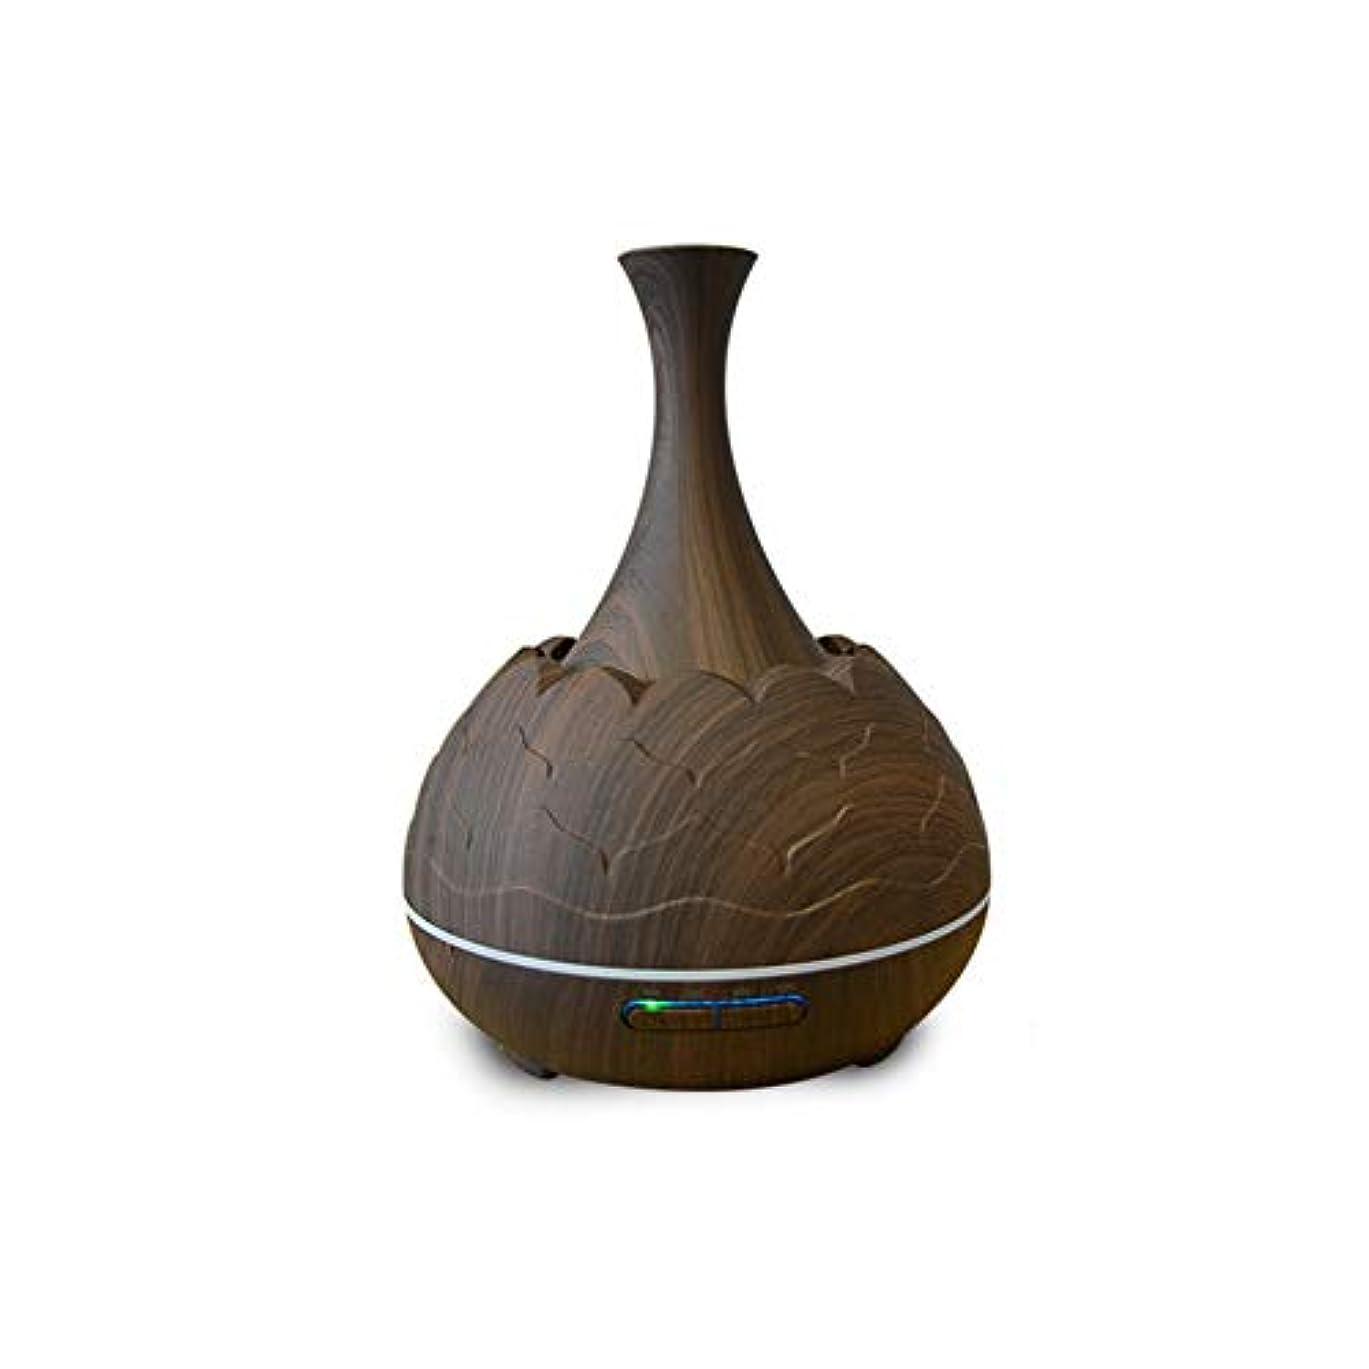 耐える儀式論理木目 霧 香り 精油 ディフューザー,7 色 空気を浄化 加湿器 時間 手動 Wifiアプリコントロール 加湿機 ホーム Yoga- 400ml